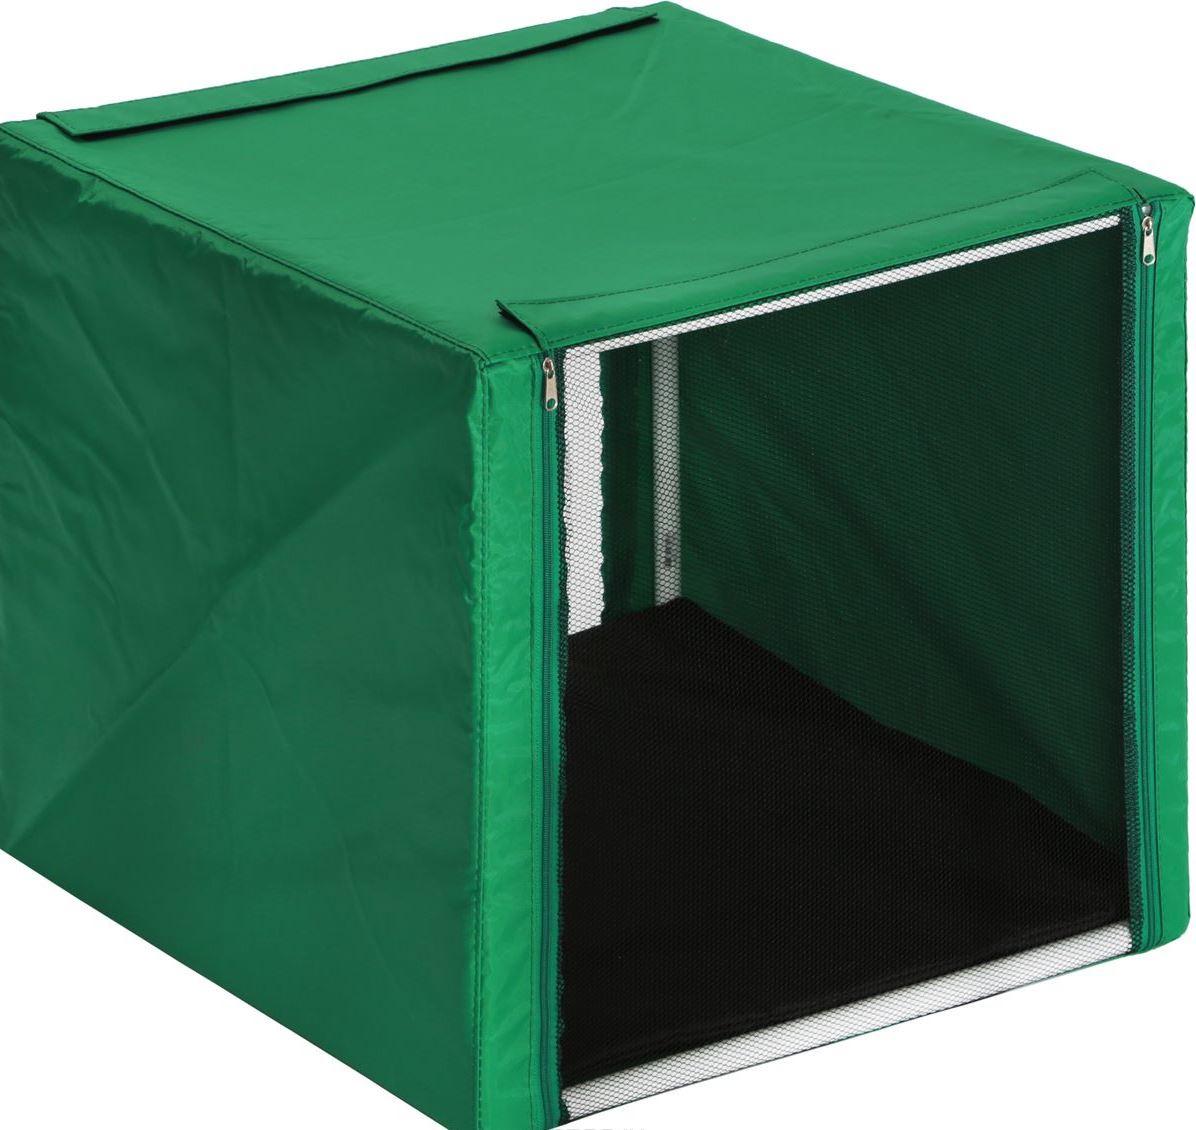 Клетка для животных Заря-Плюс.КВР0. палатка greenell виржиния 6 плюс green